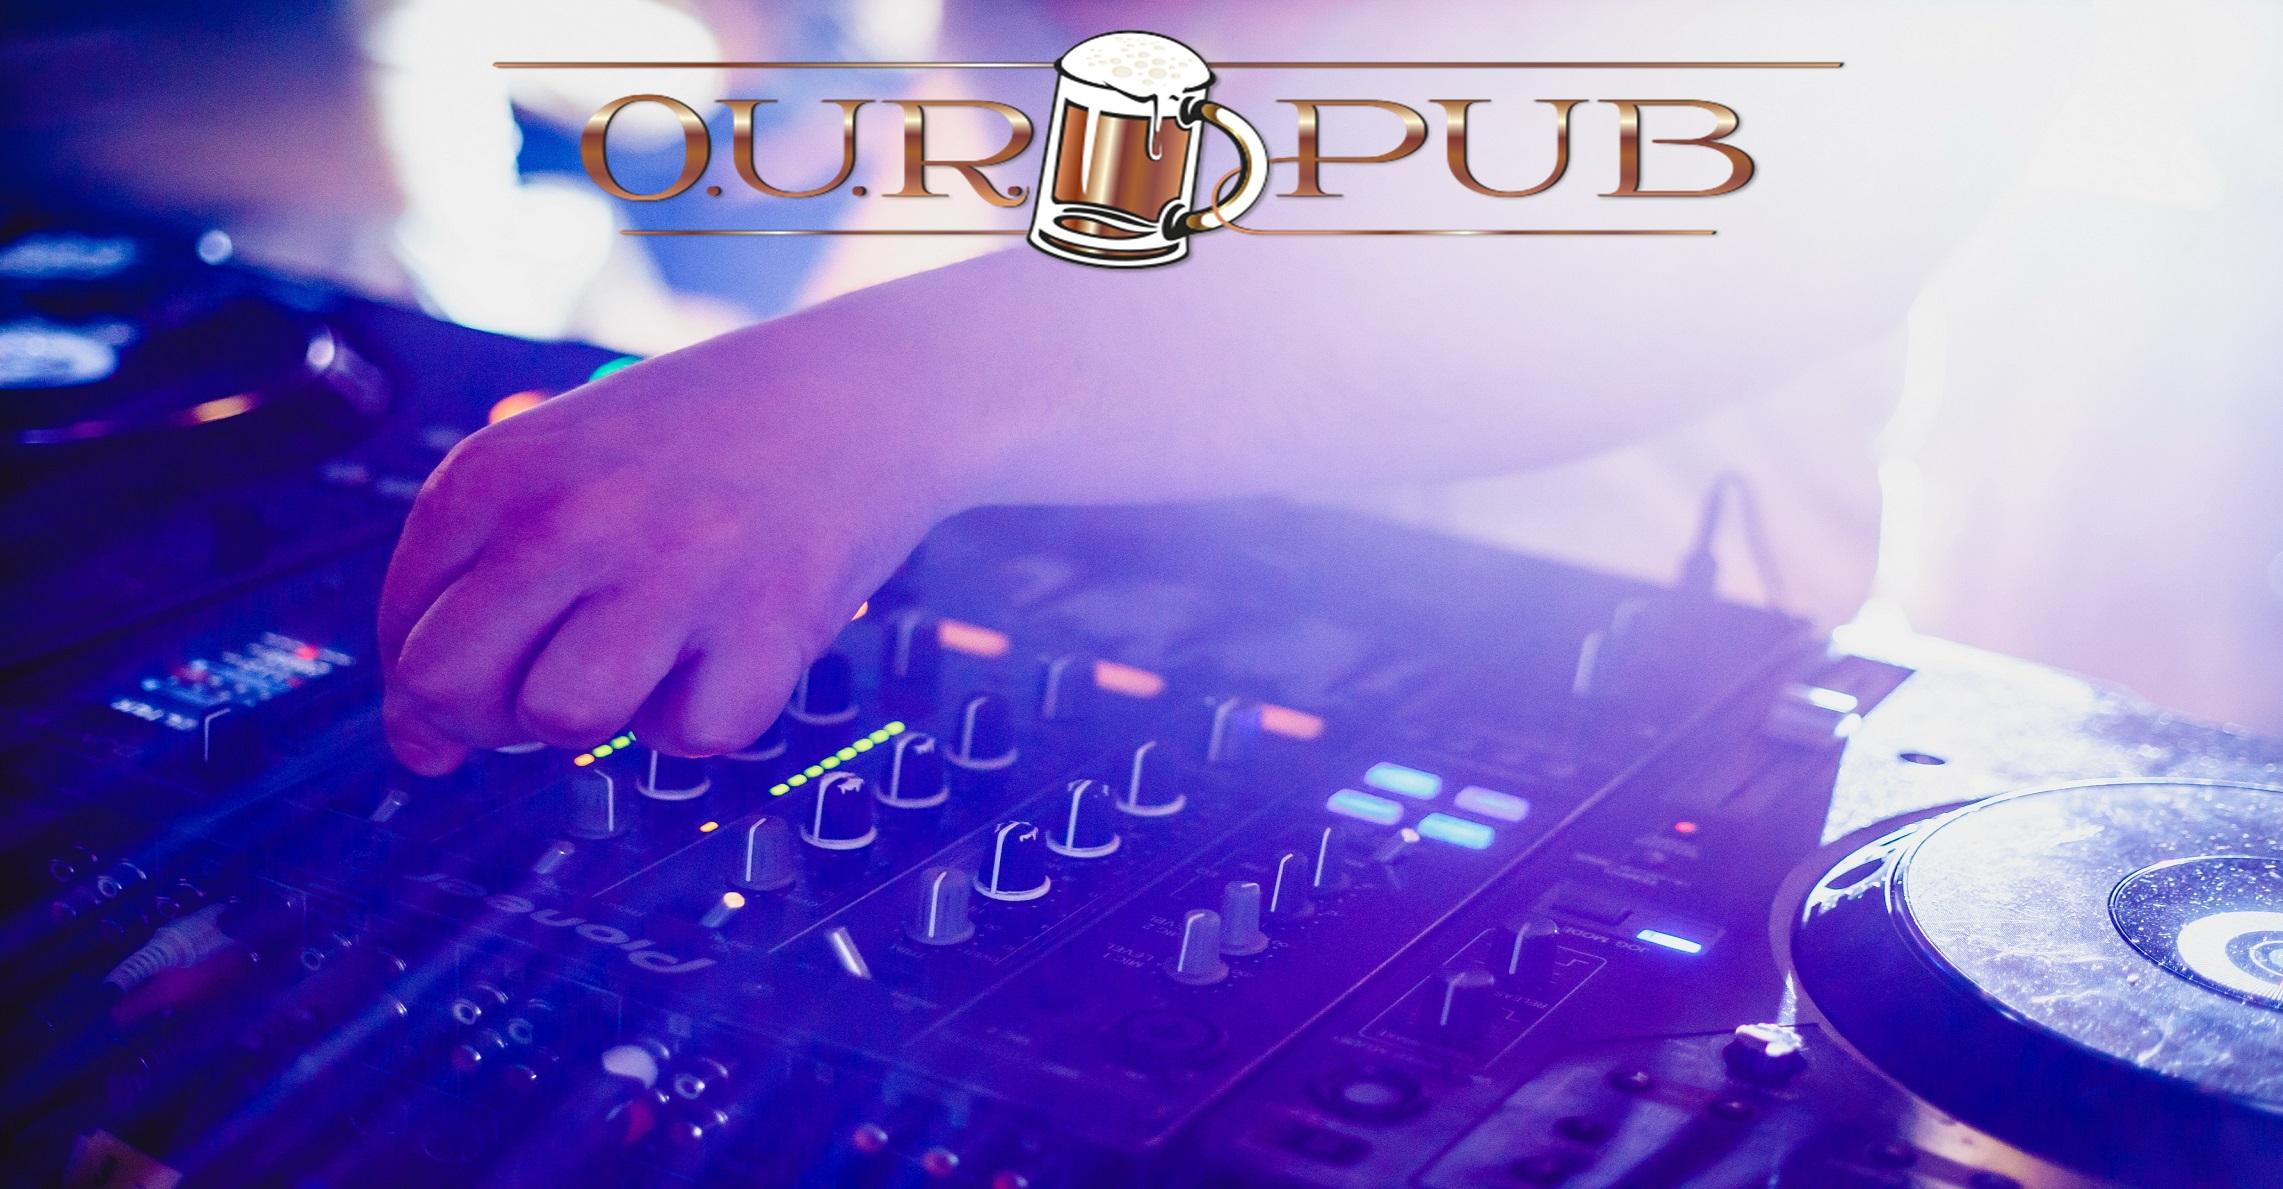 DJ, akustična ili živa svirka? Koji je tvoj izbor?